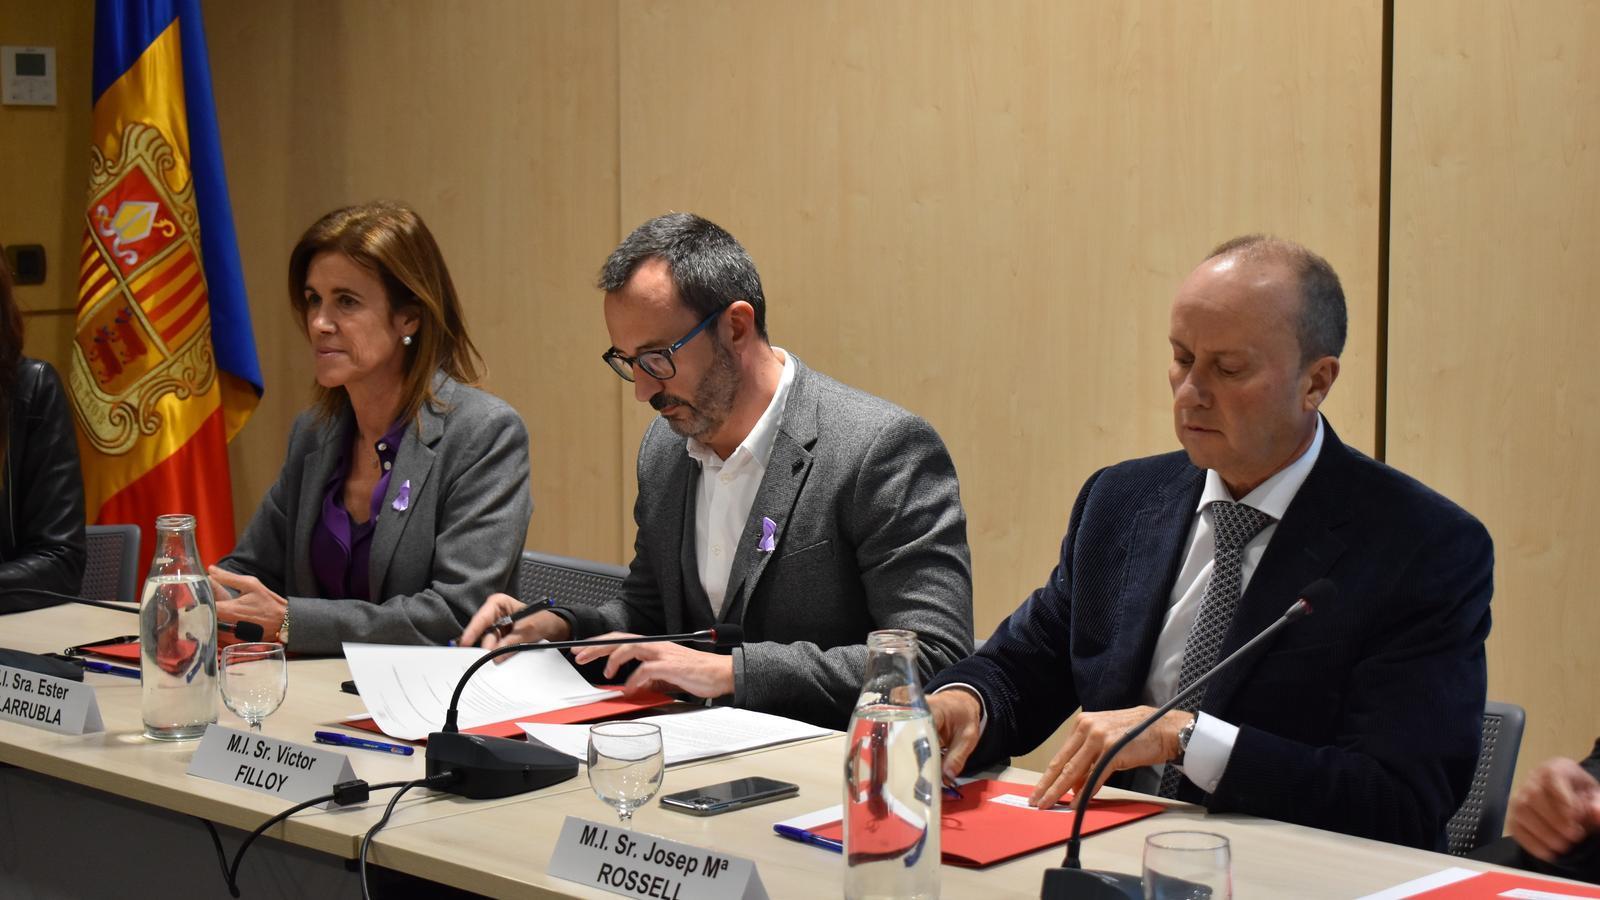 Els ministres Ester Vilarrubla, Víctor Filloy i Josep Maria Rosell. / M. R. F.